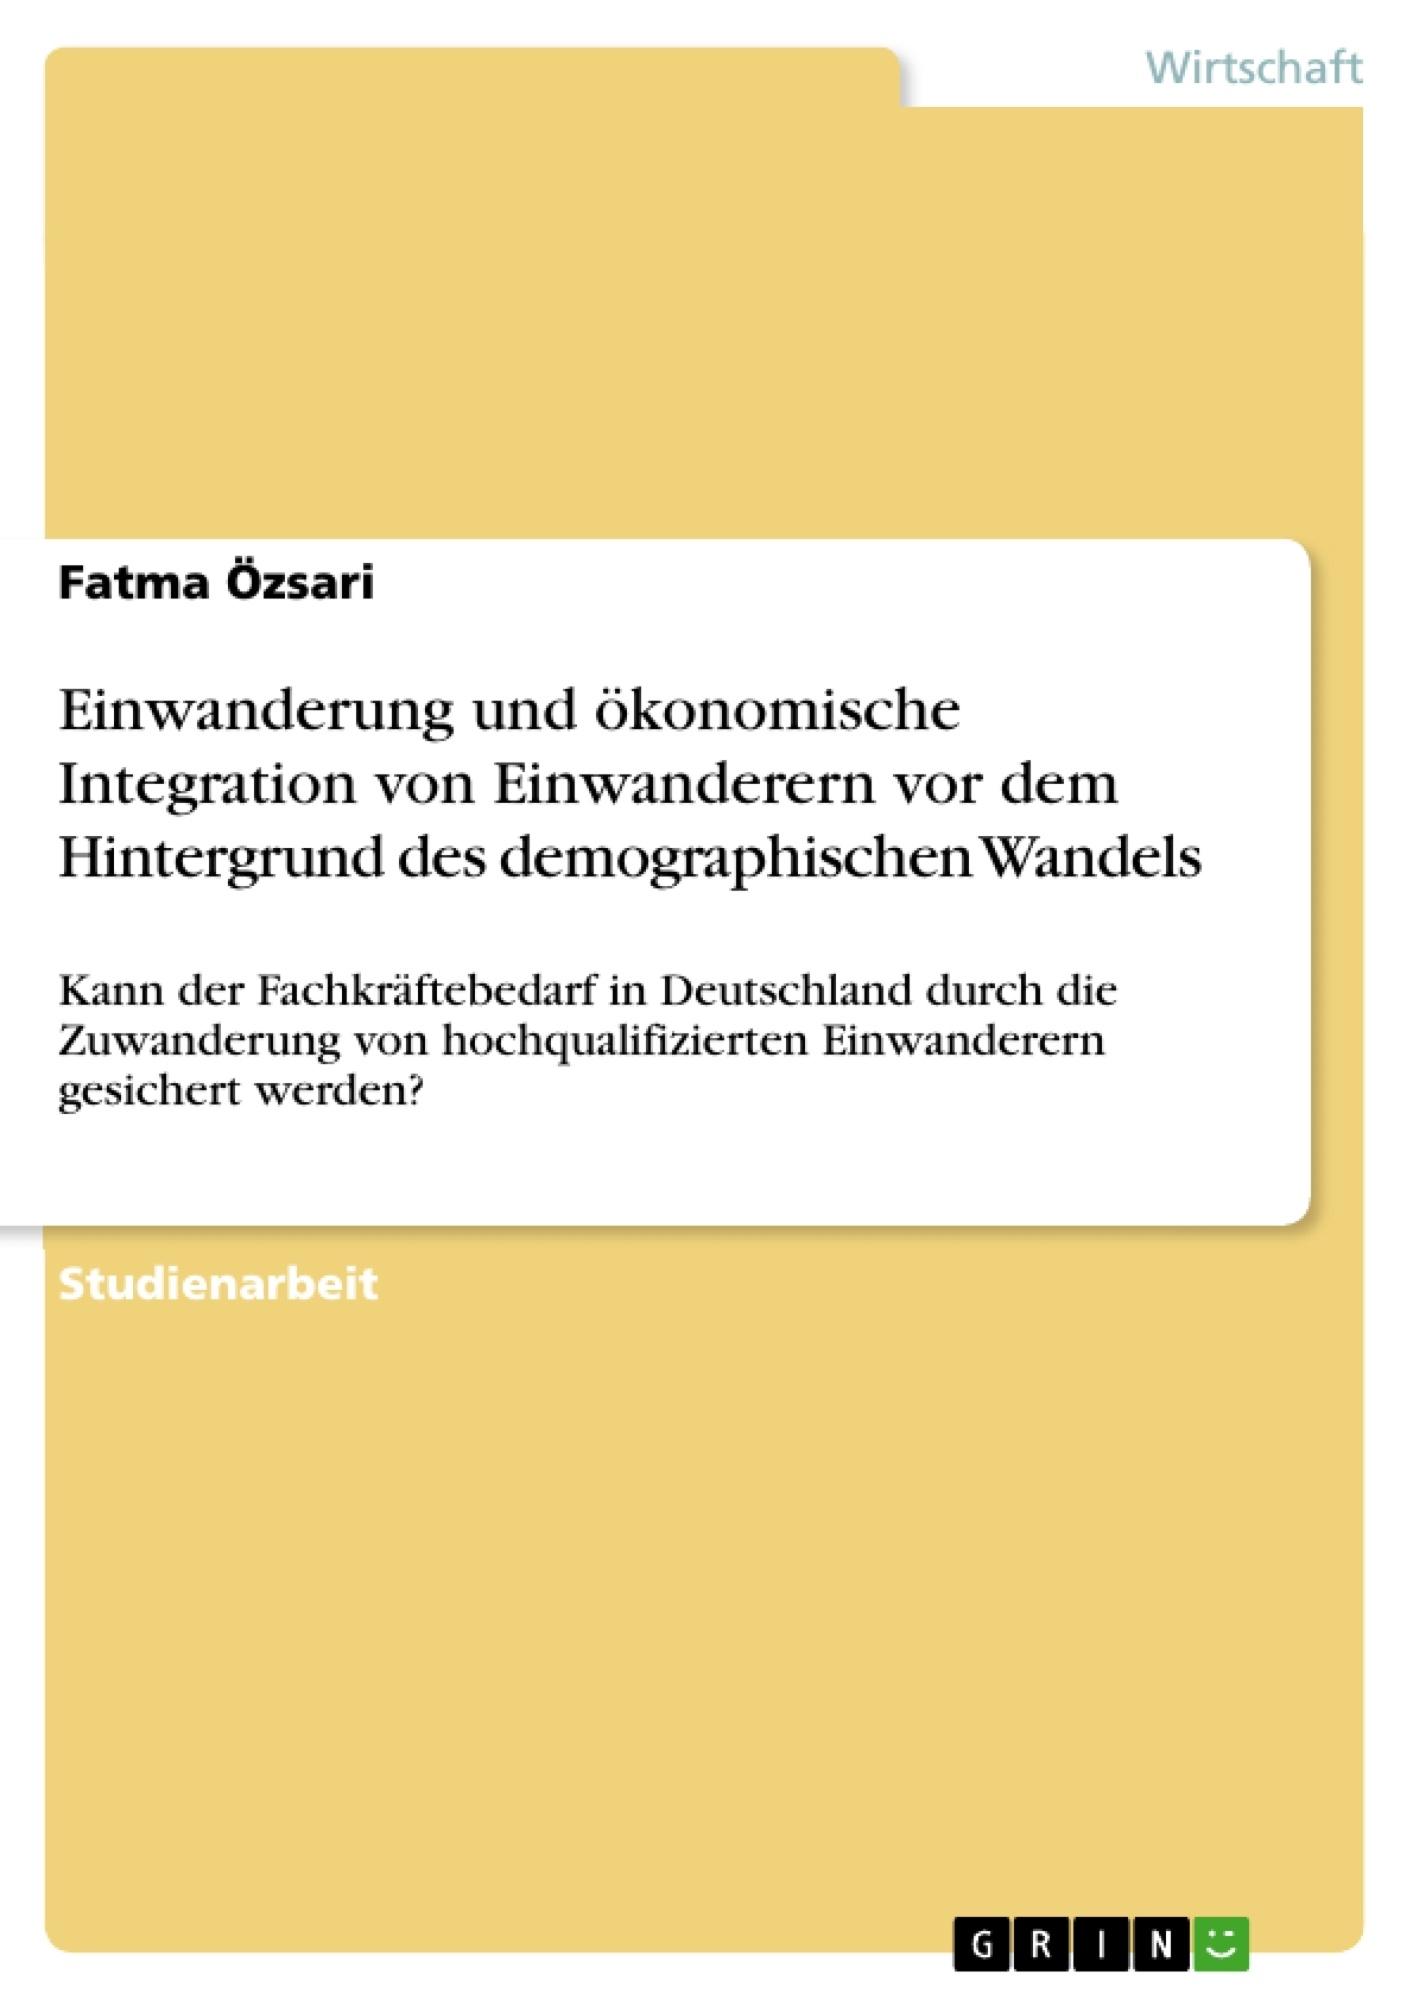 Titel: Einwanderung und ökonomische Integration von Einwanderern vor dem Hintergrund des demographischen Wandels